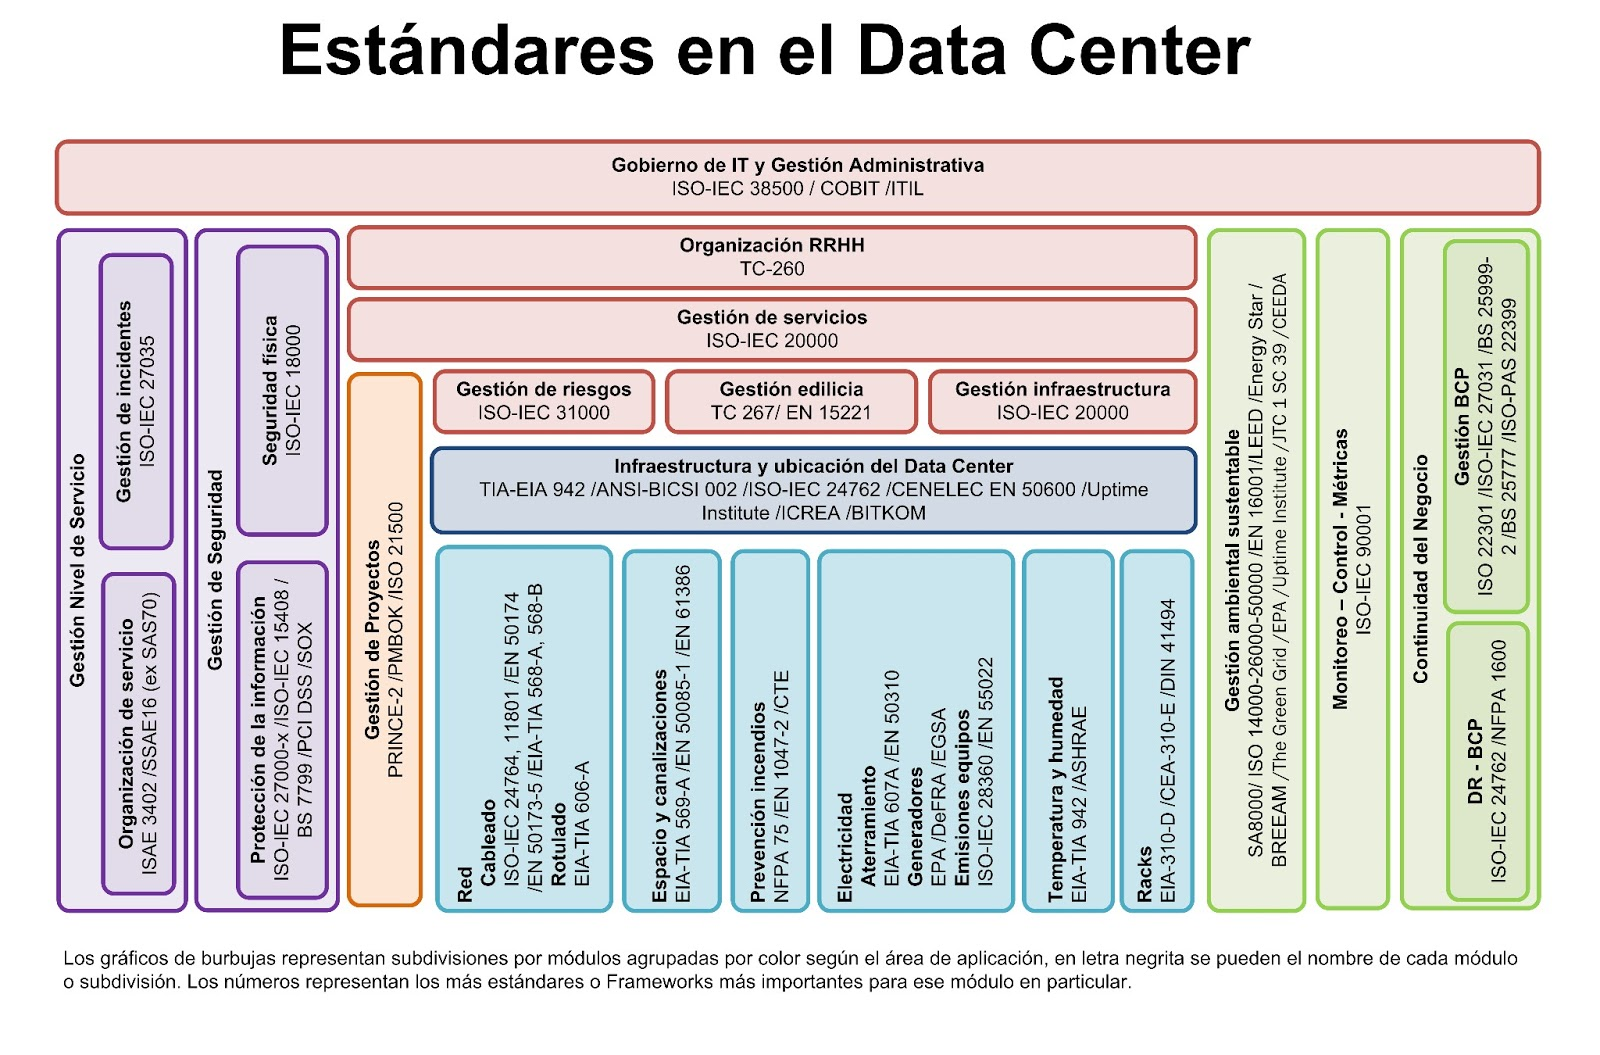 Estándares en el Data Center - Data Centers Hoy